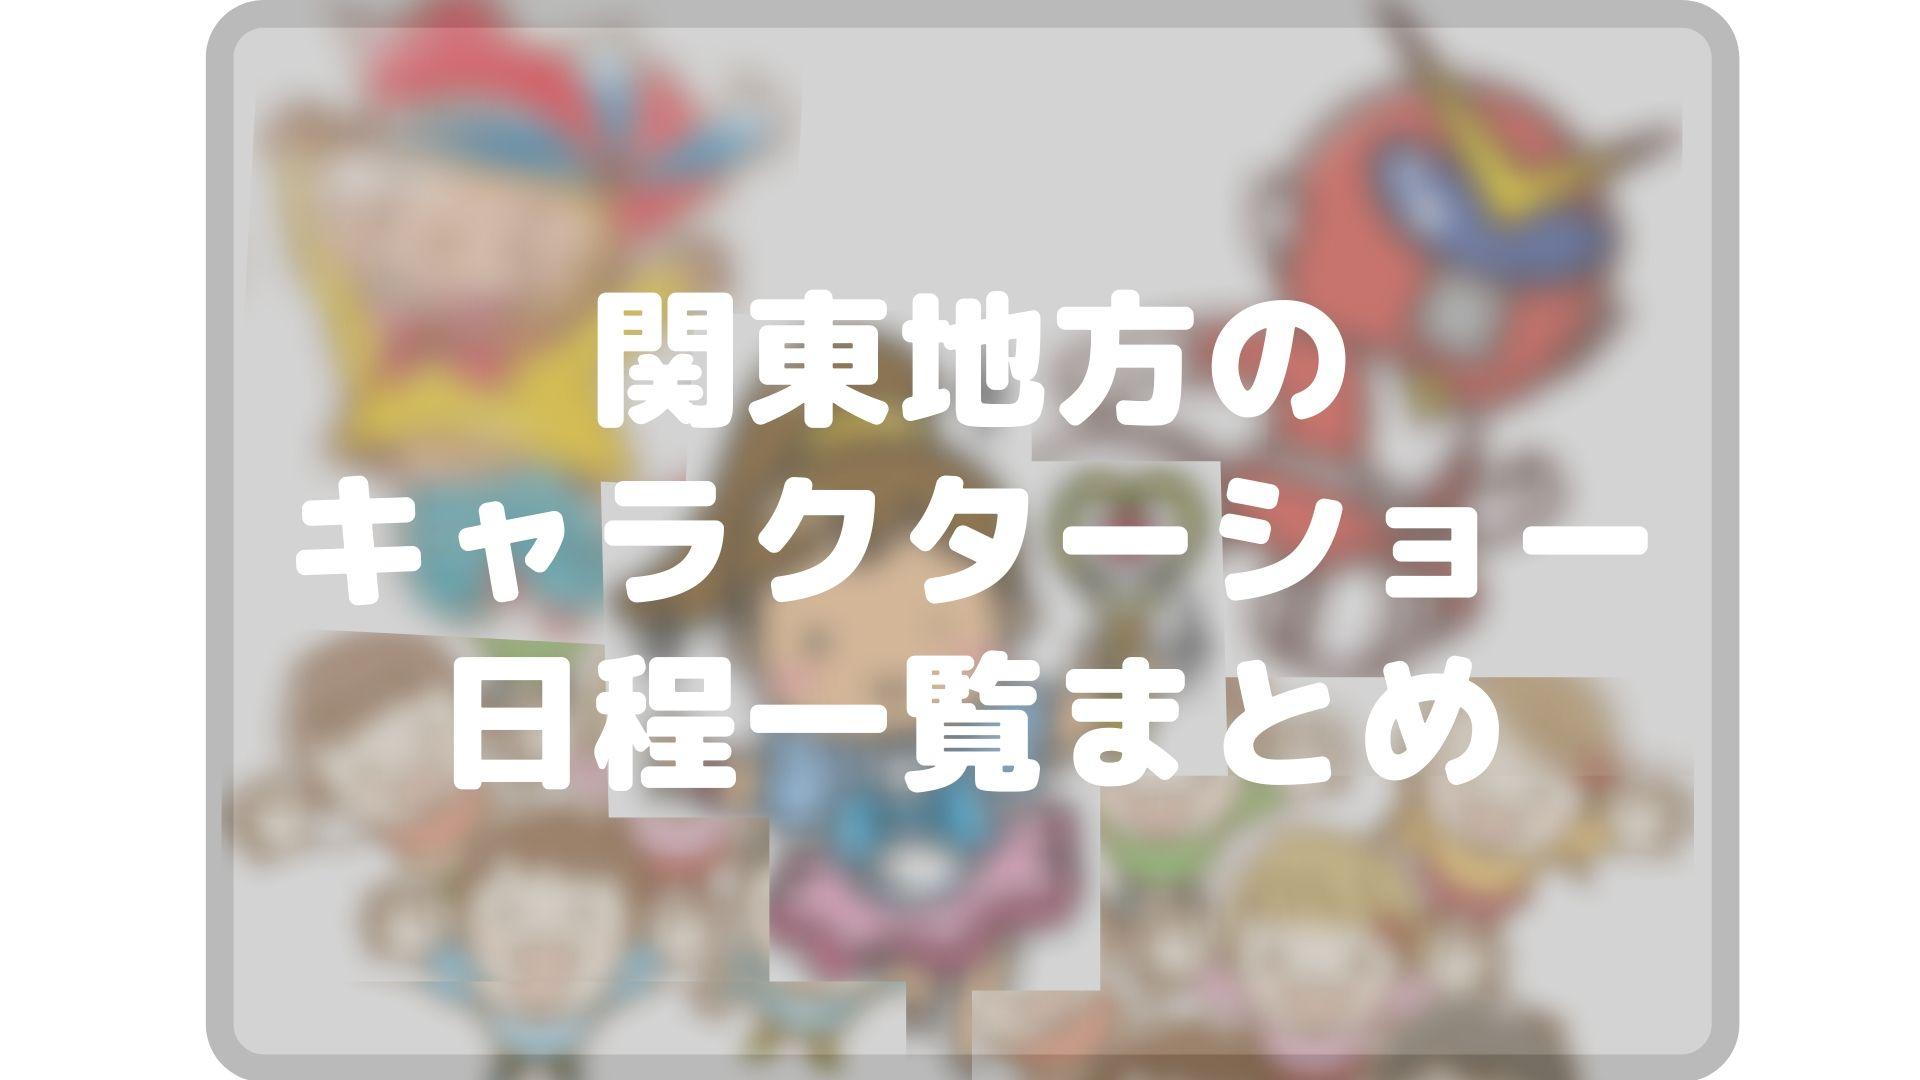 関東地方のキャラクターショーまとめタイトル画像